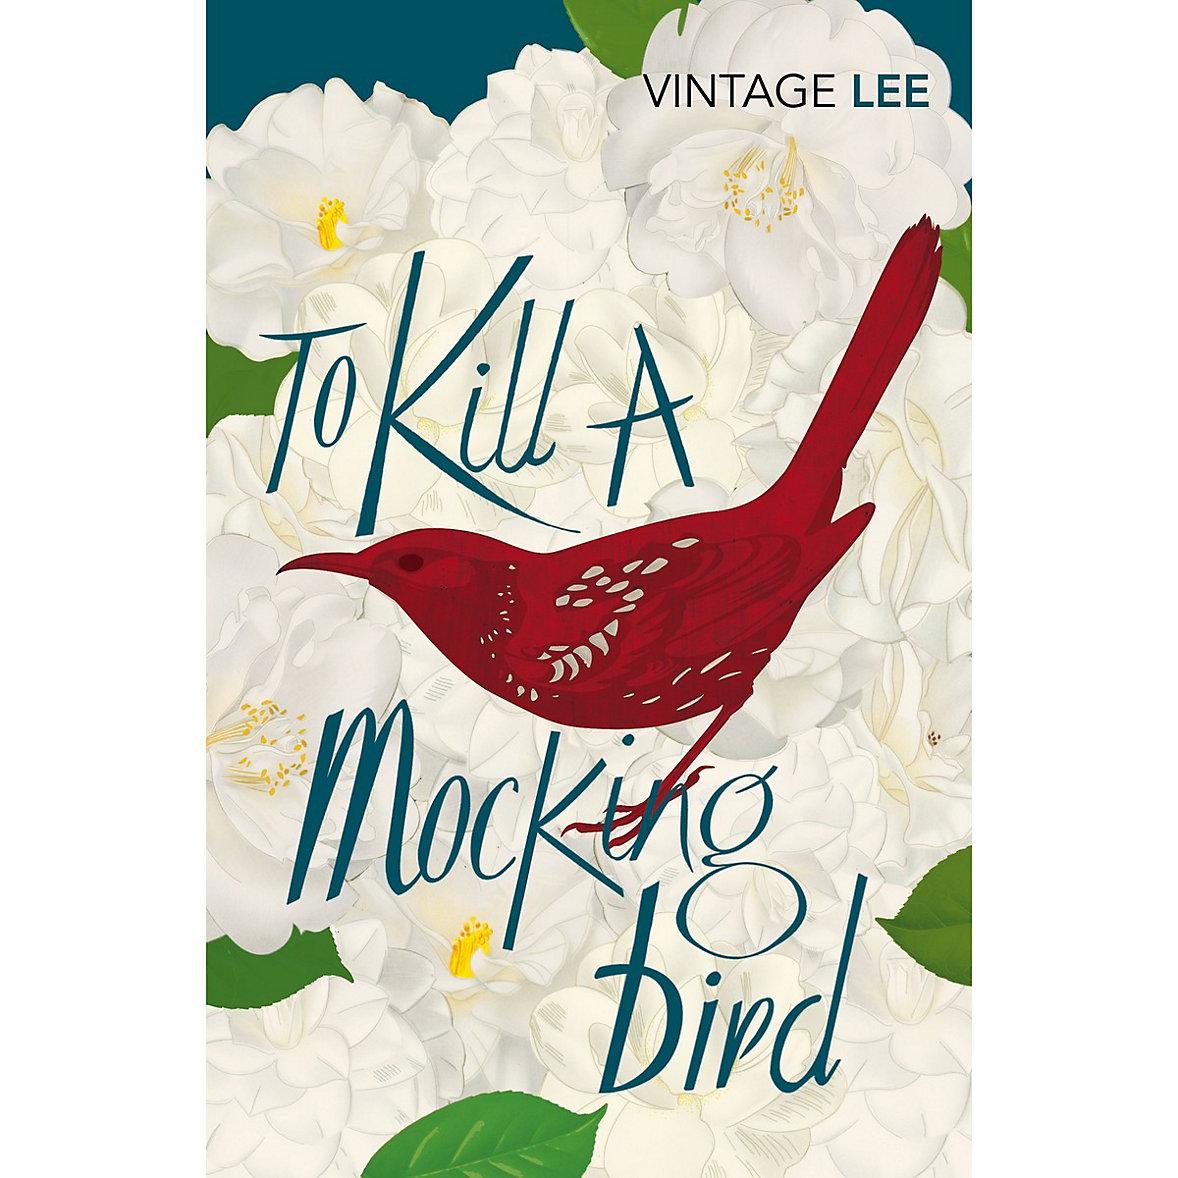 To Kill a Mockingbird - Vintage Lee